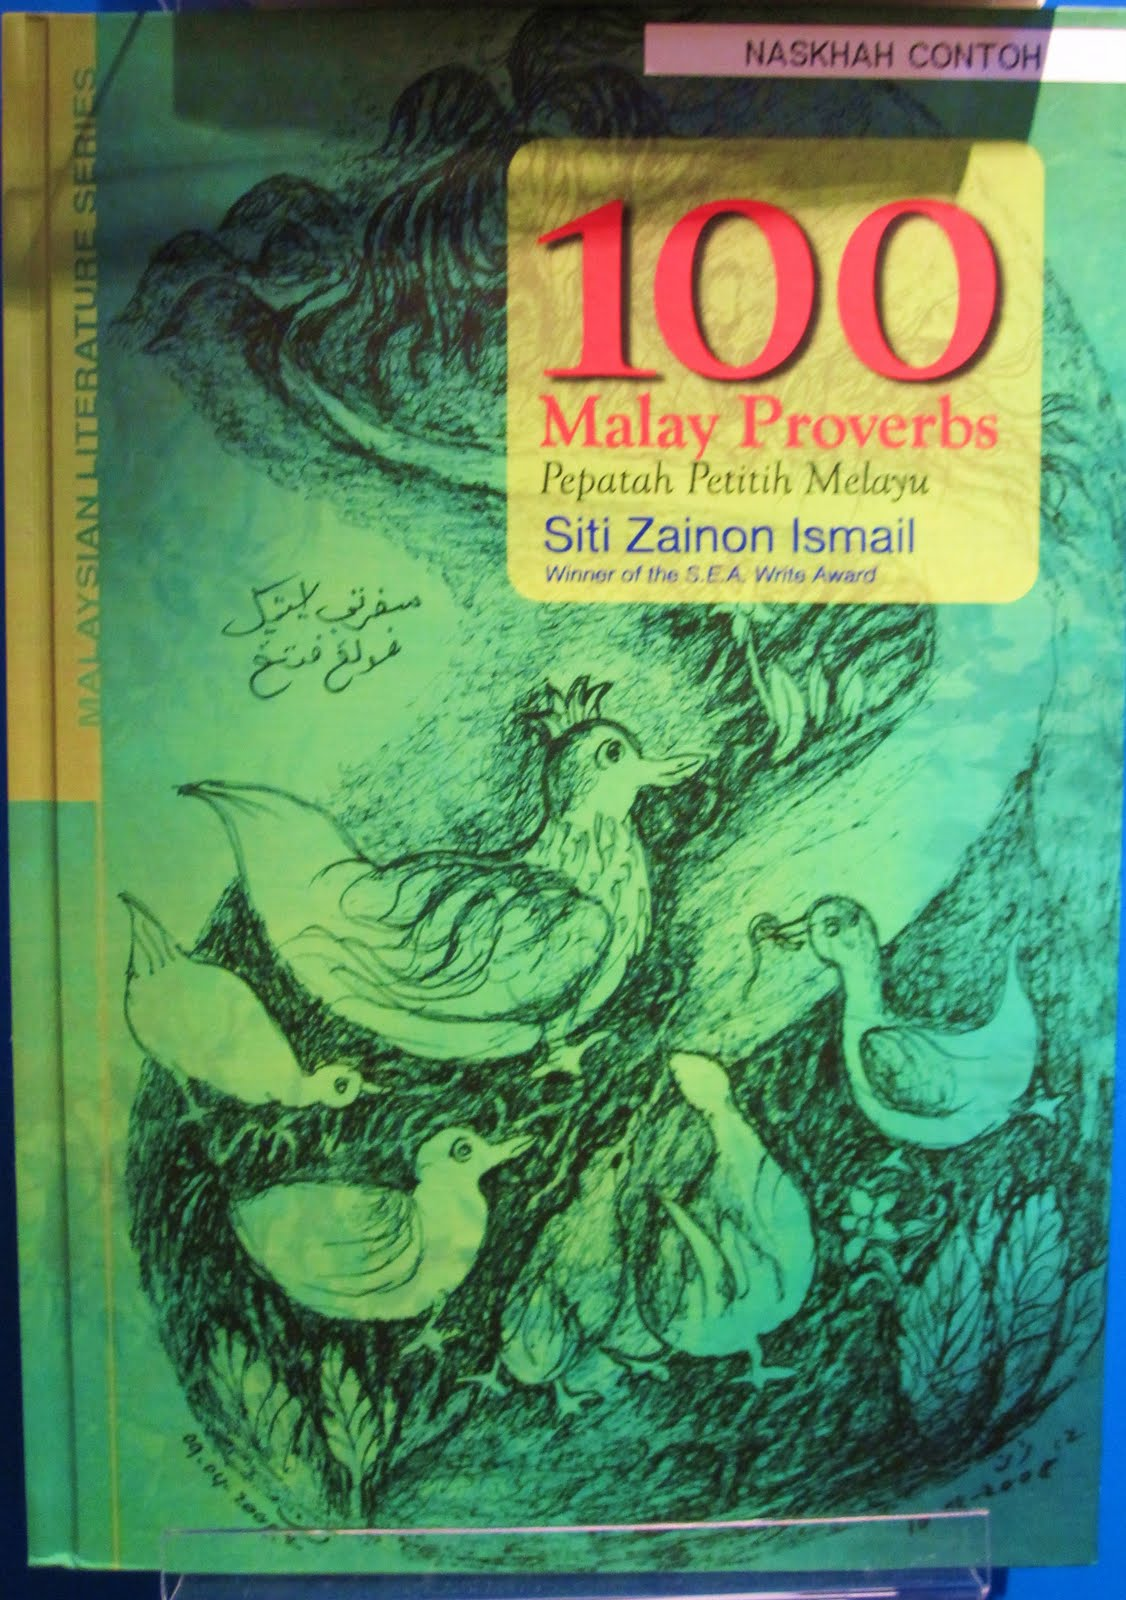 SENI RUPA ALAM MELAYU Di Sebalik 100 Pepatah Petitih Melayu